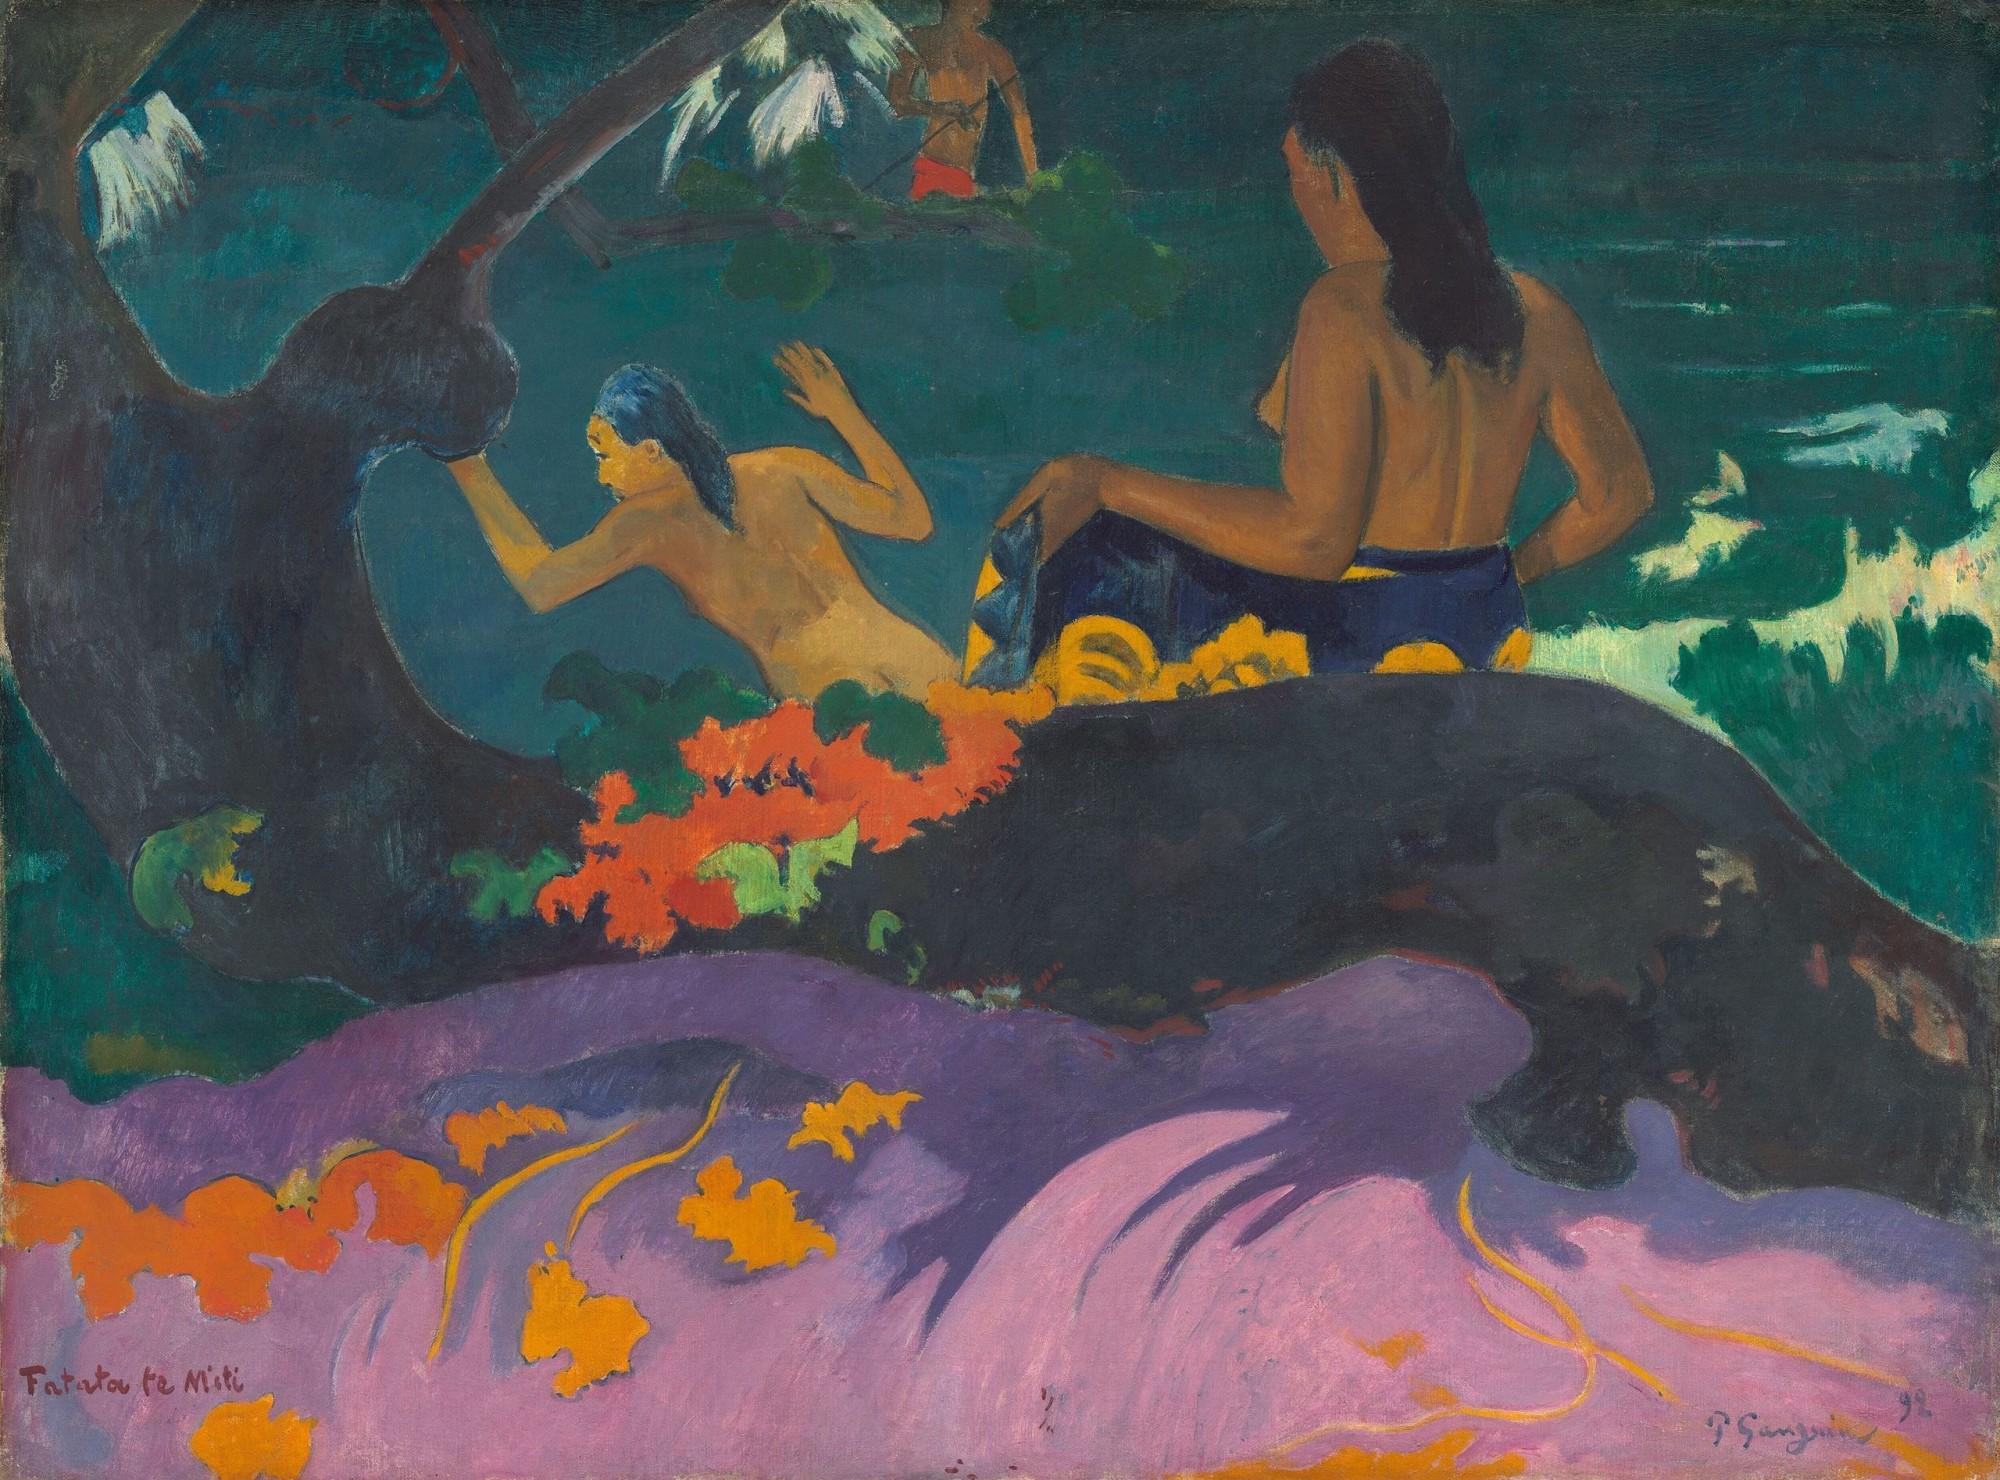 картина Возле моря (Fatata te miti) - Paul Gauguin фото